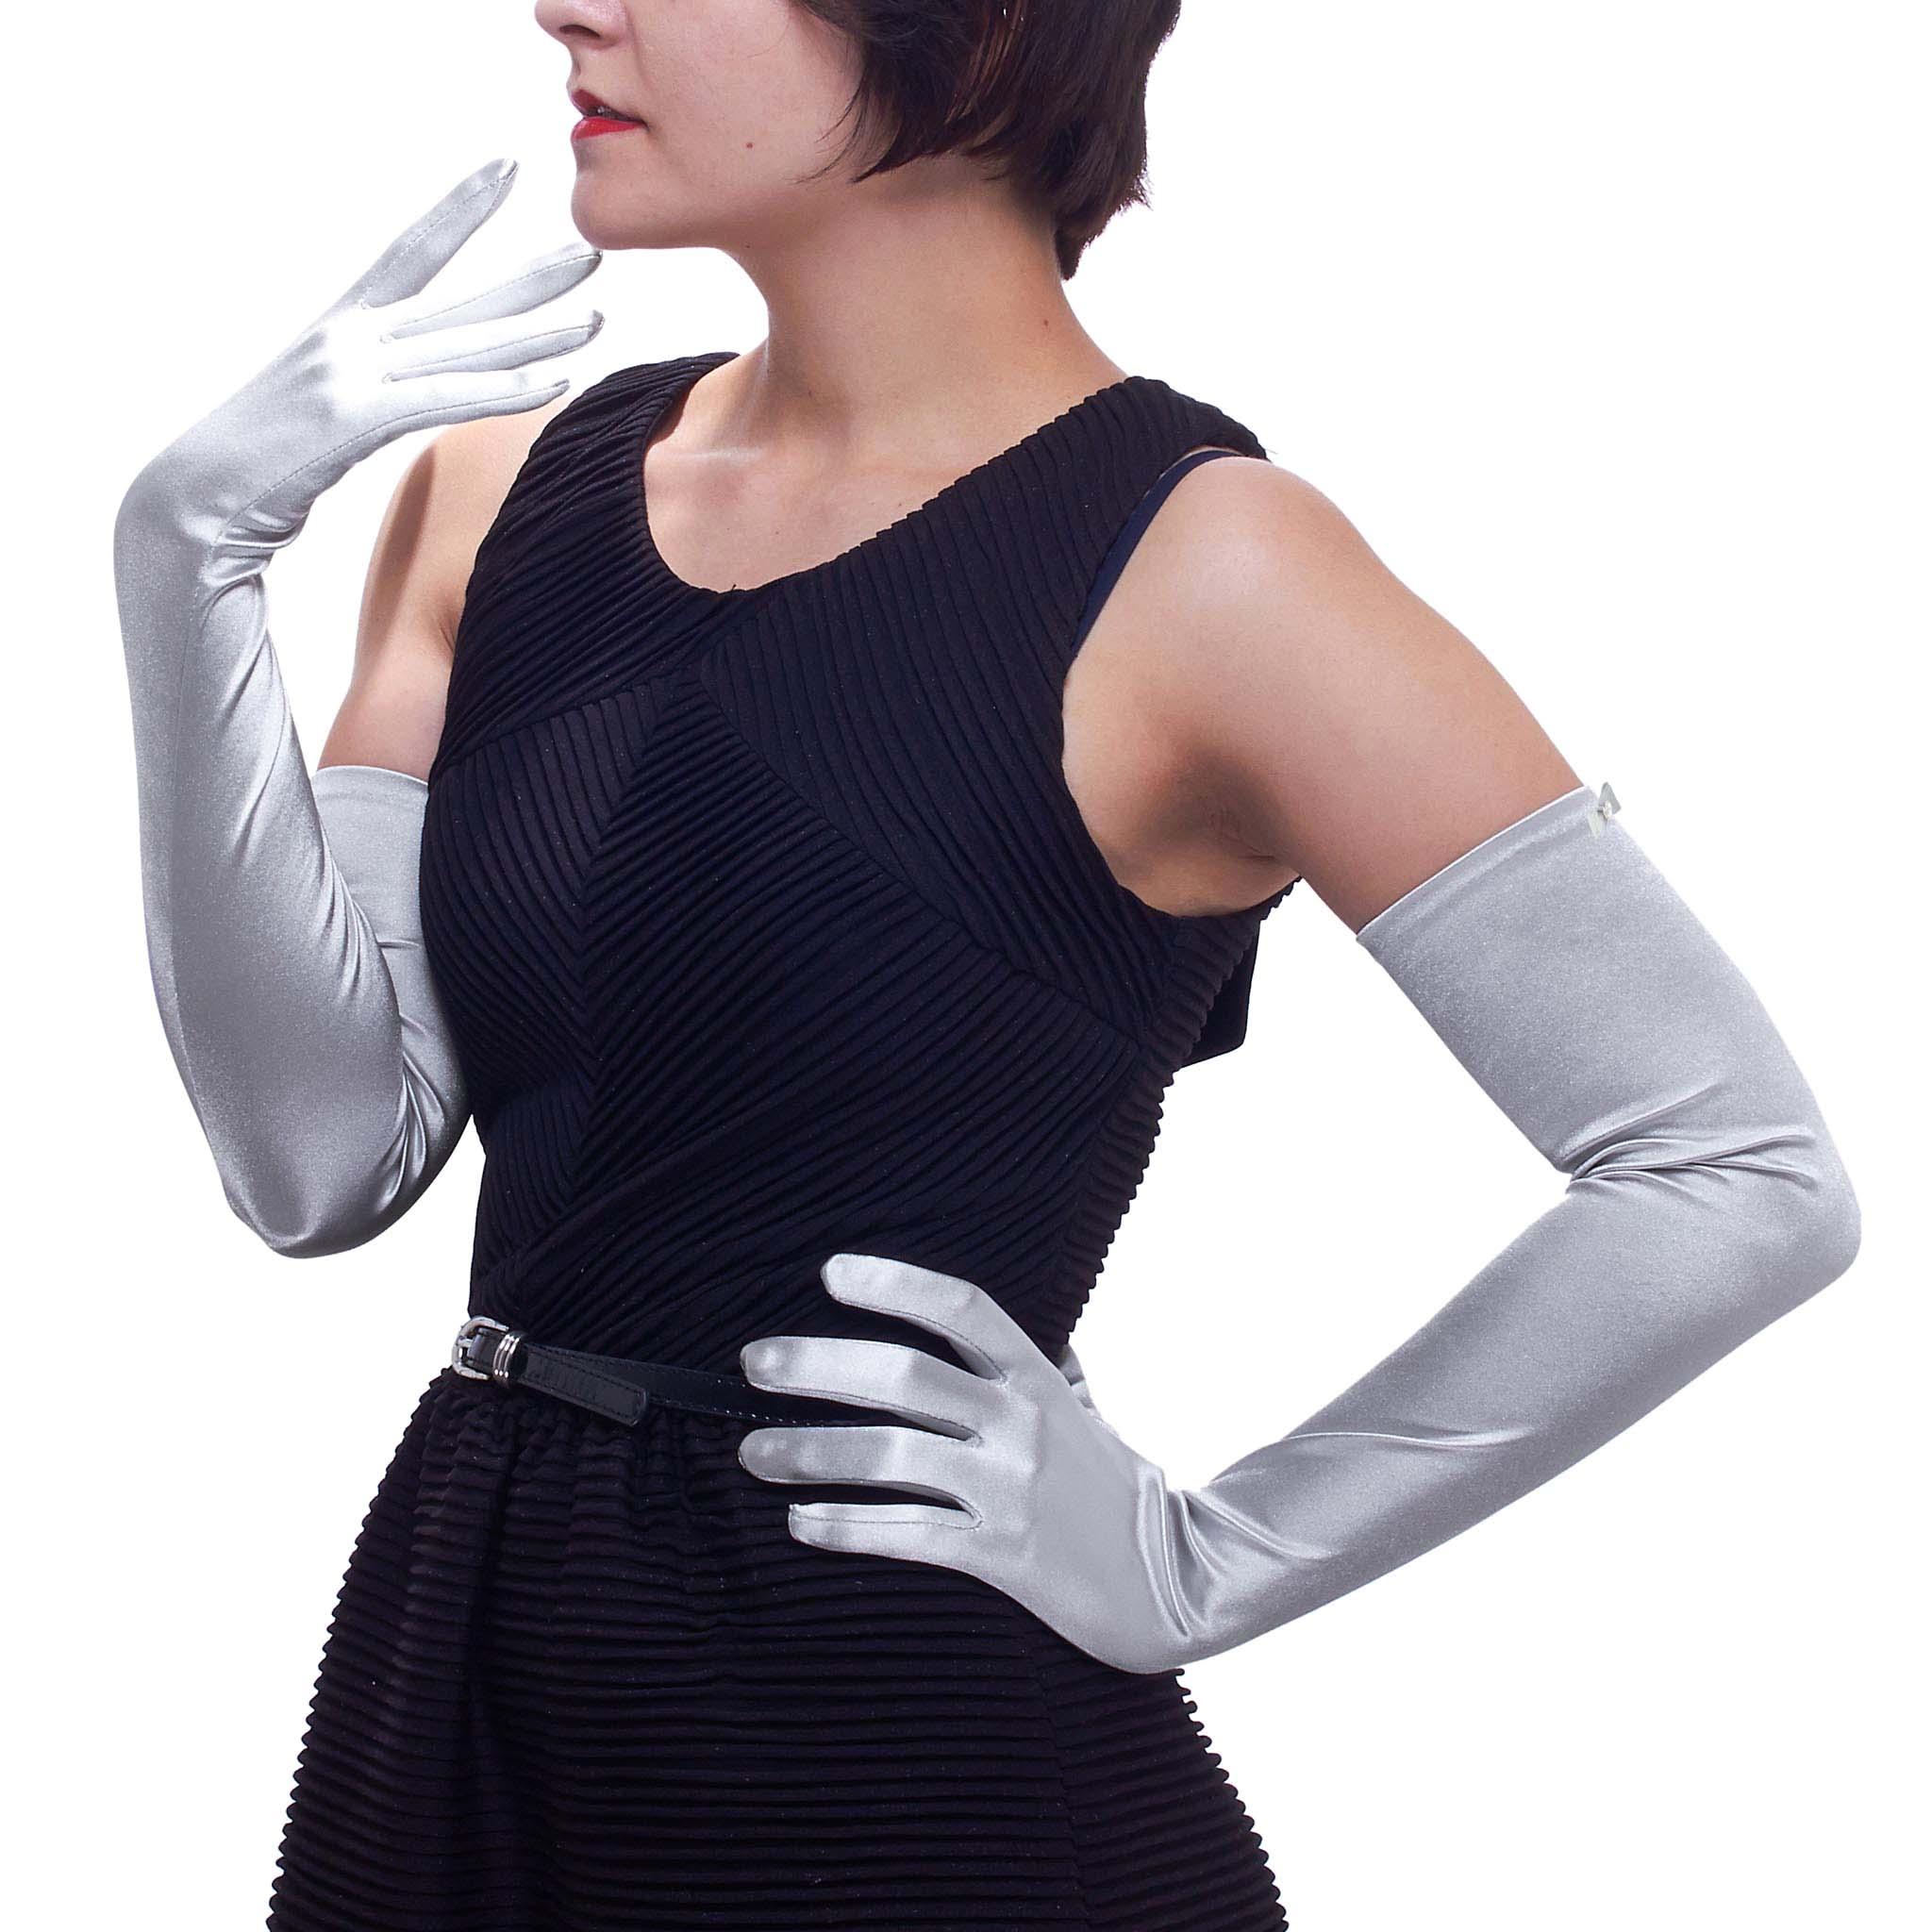 Black gloves evening wear - Opera Gloves